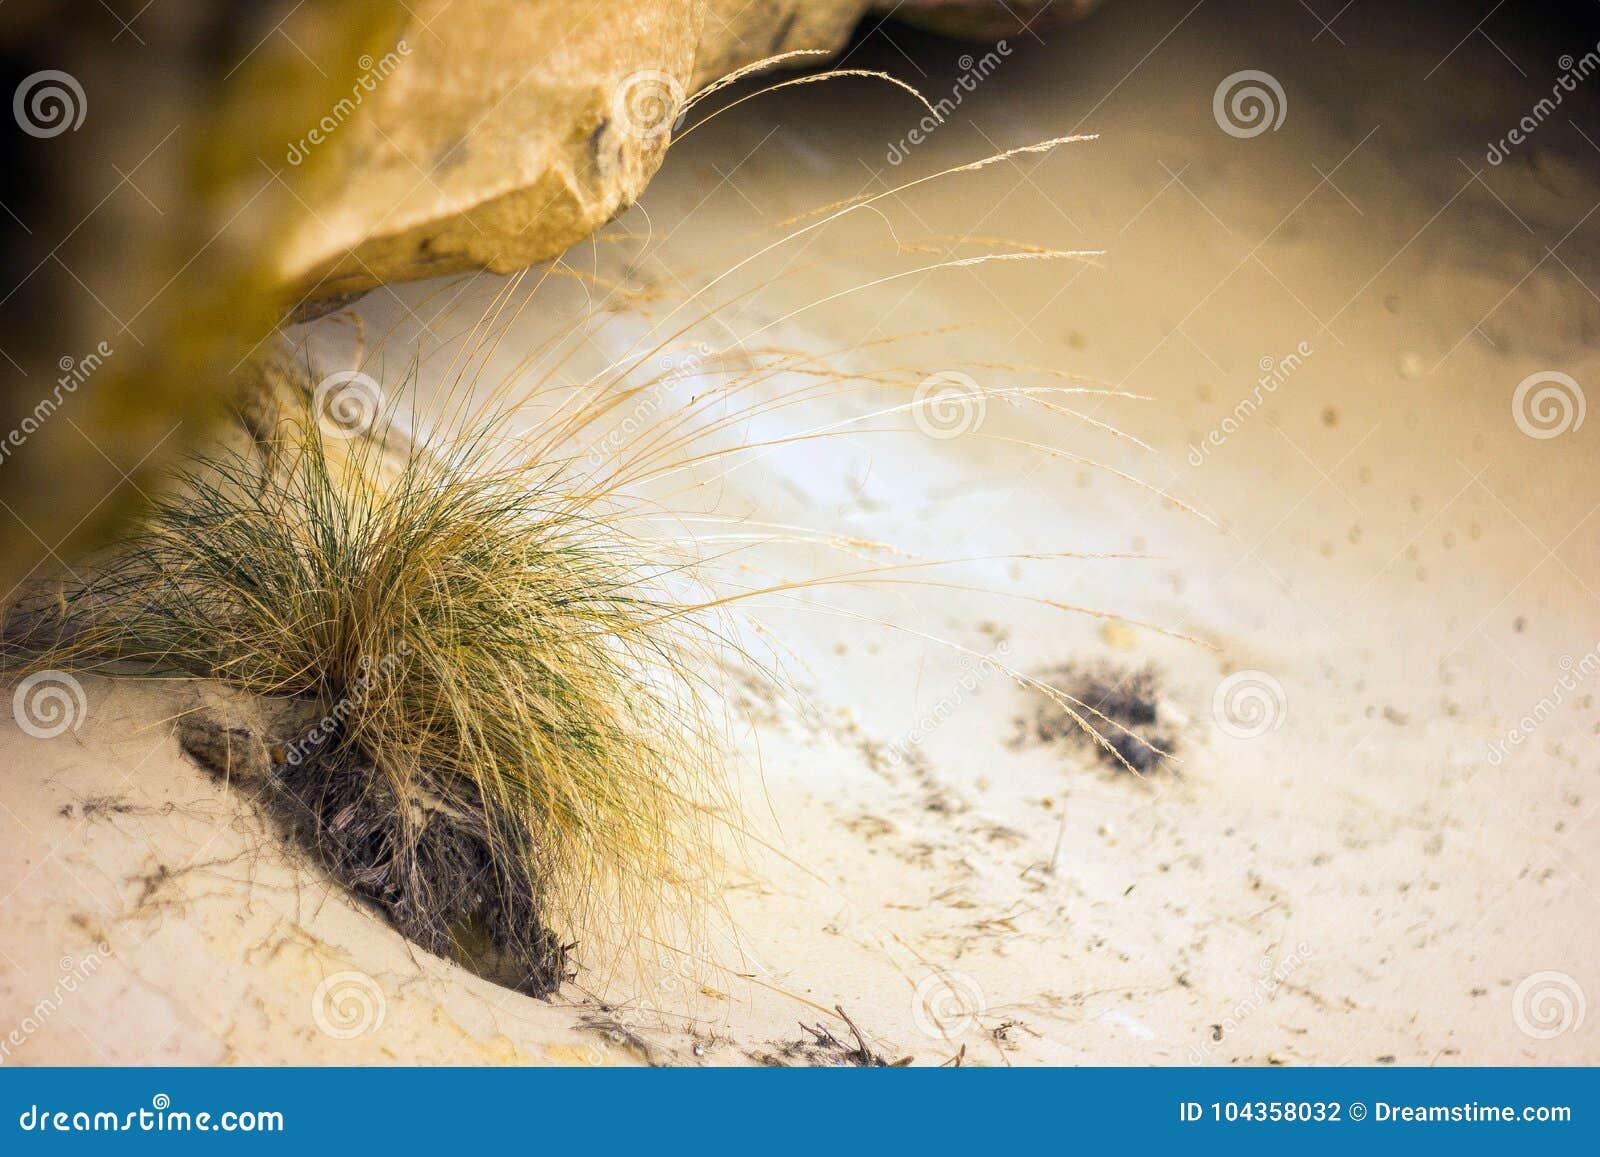 Trockenes Gras auf dem Sand